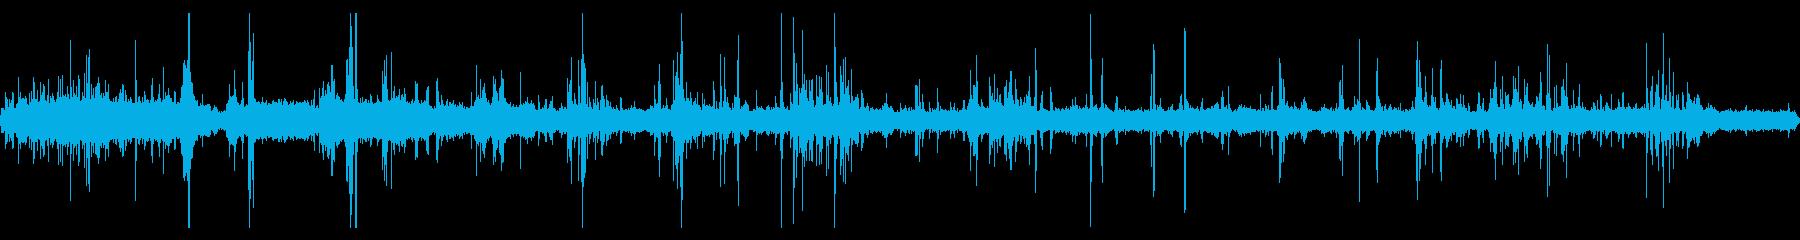 重機が建物を解体している音 16の再生済みの波形